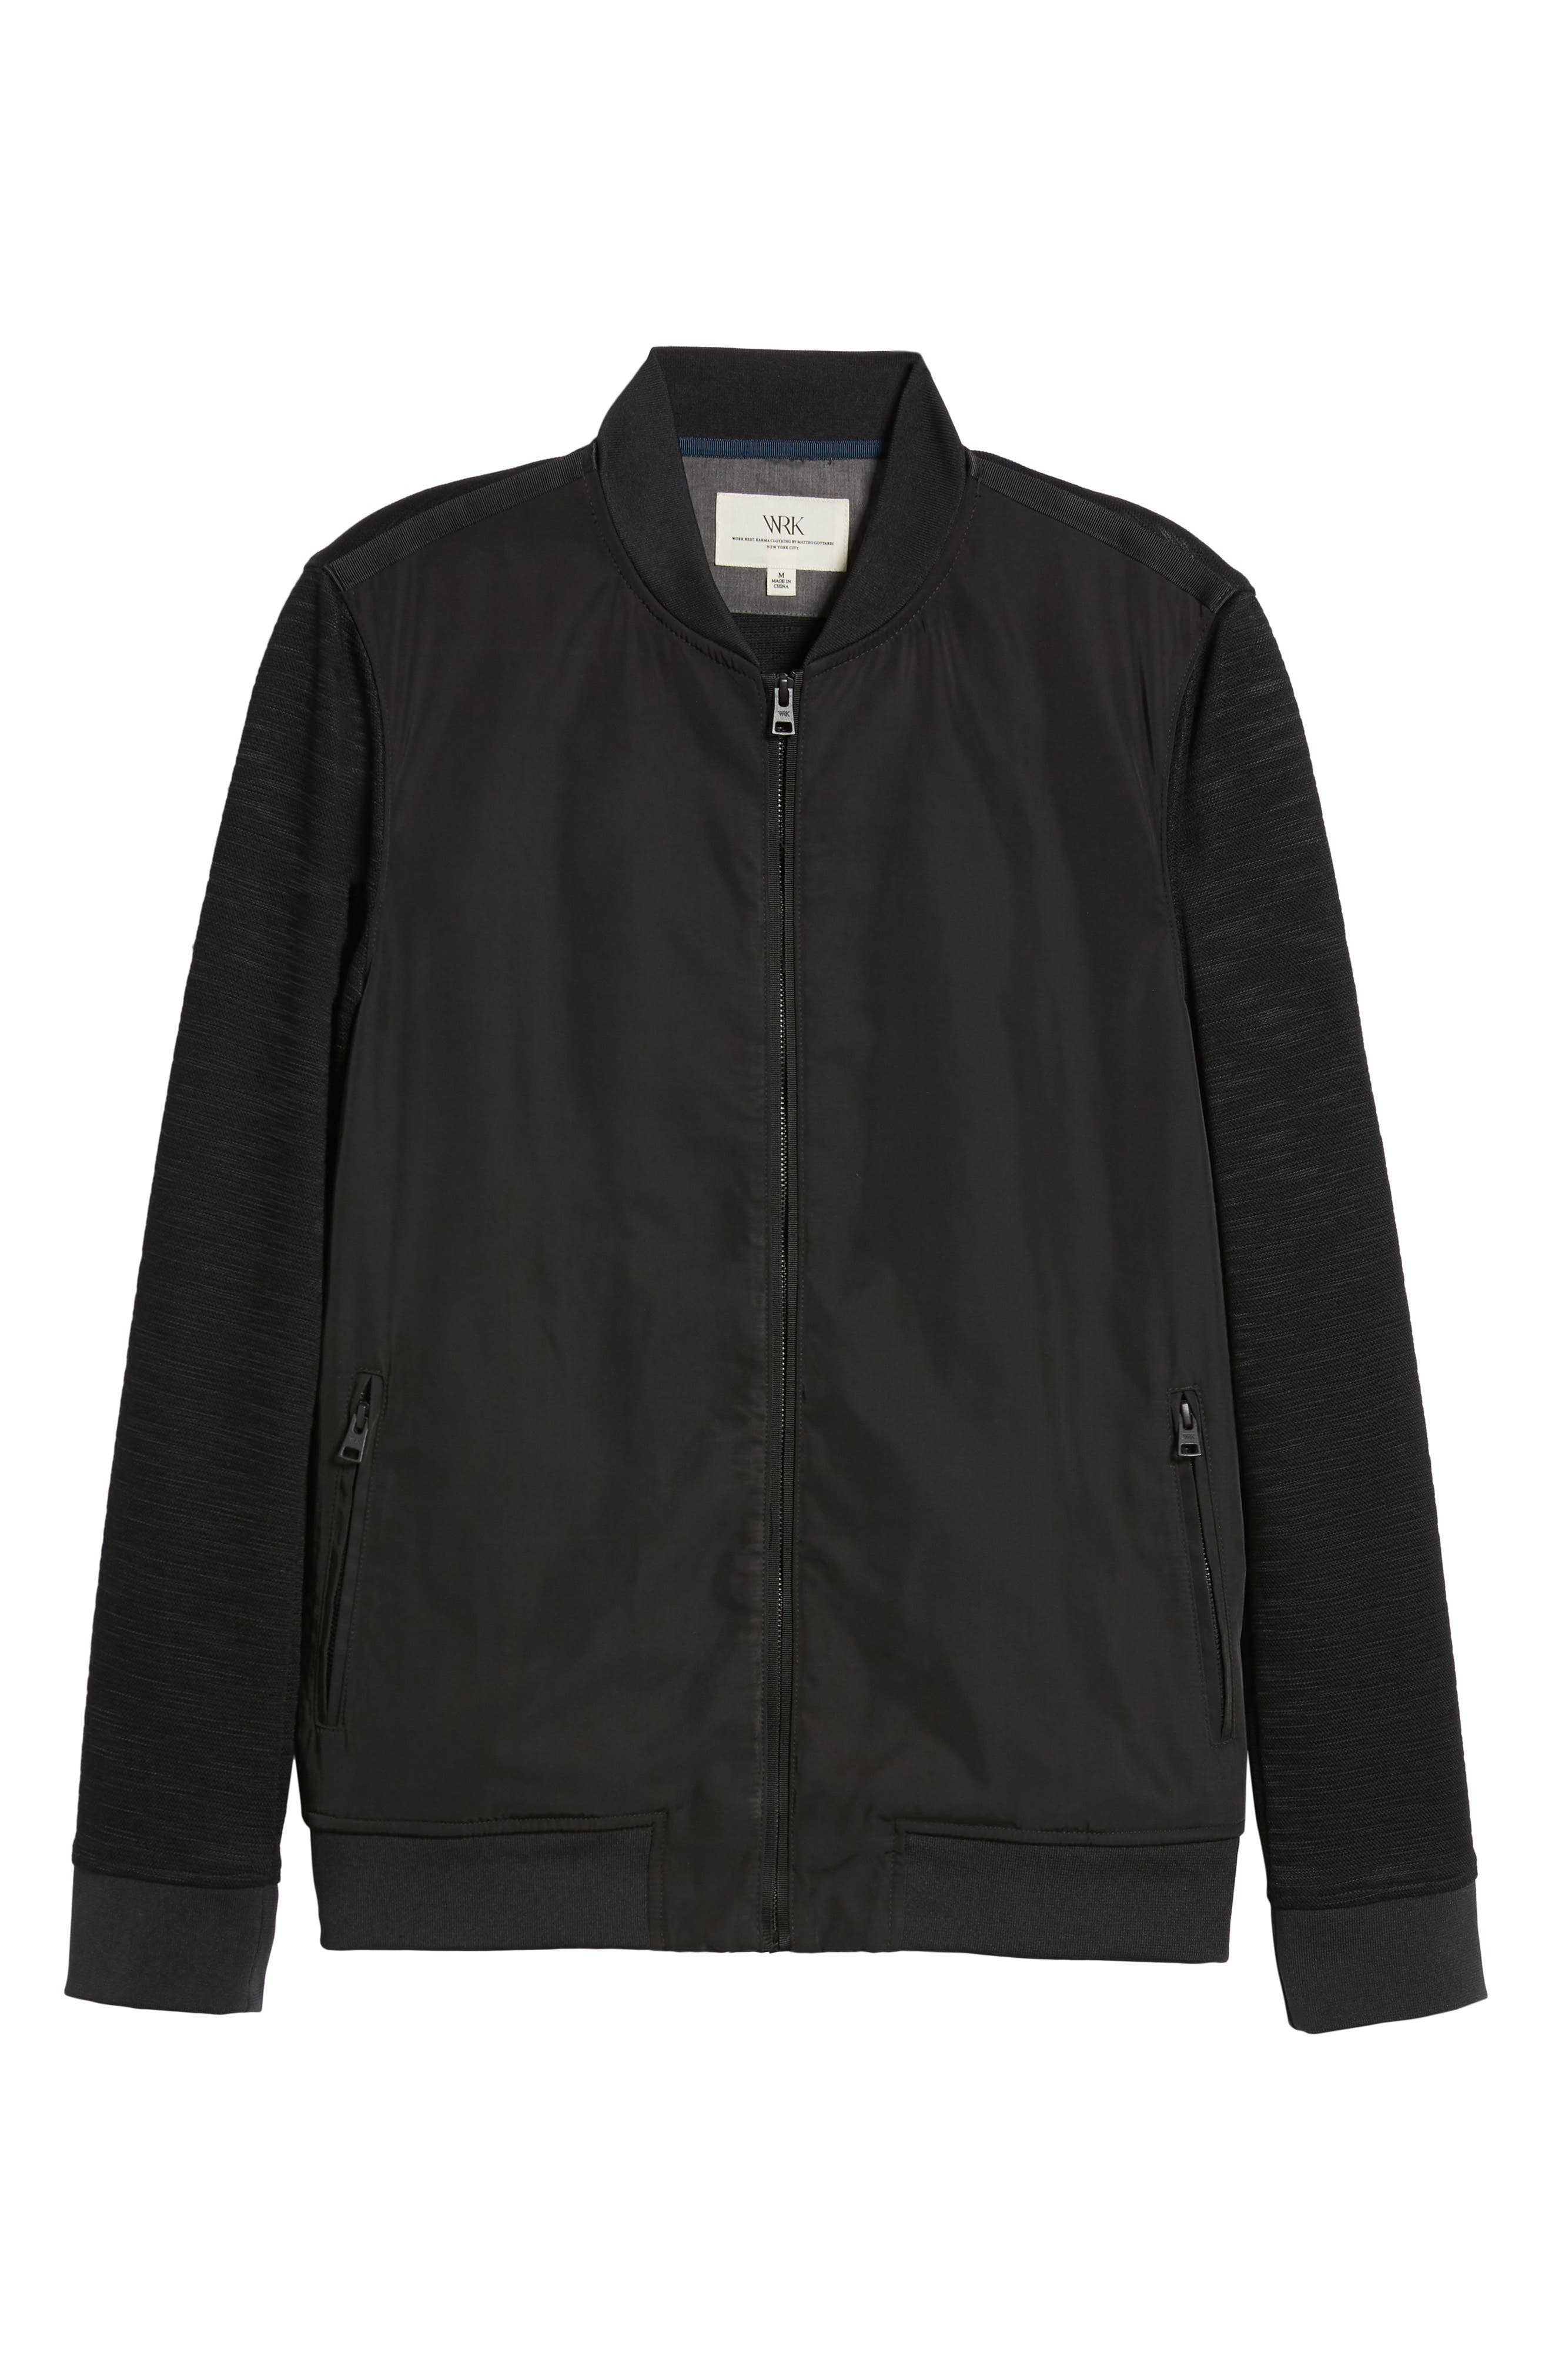 Gesso Slim Fit Bomber Jacket,                             Alternate thumbnail 6, color,                             Black